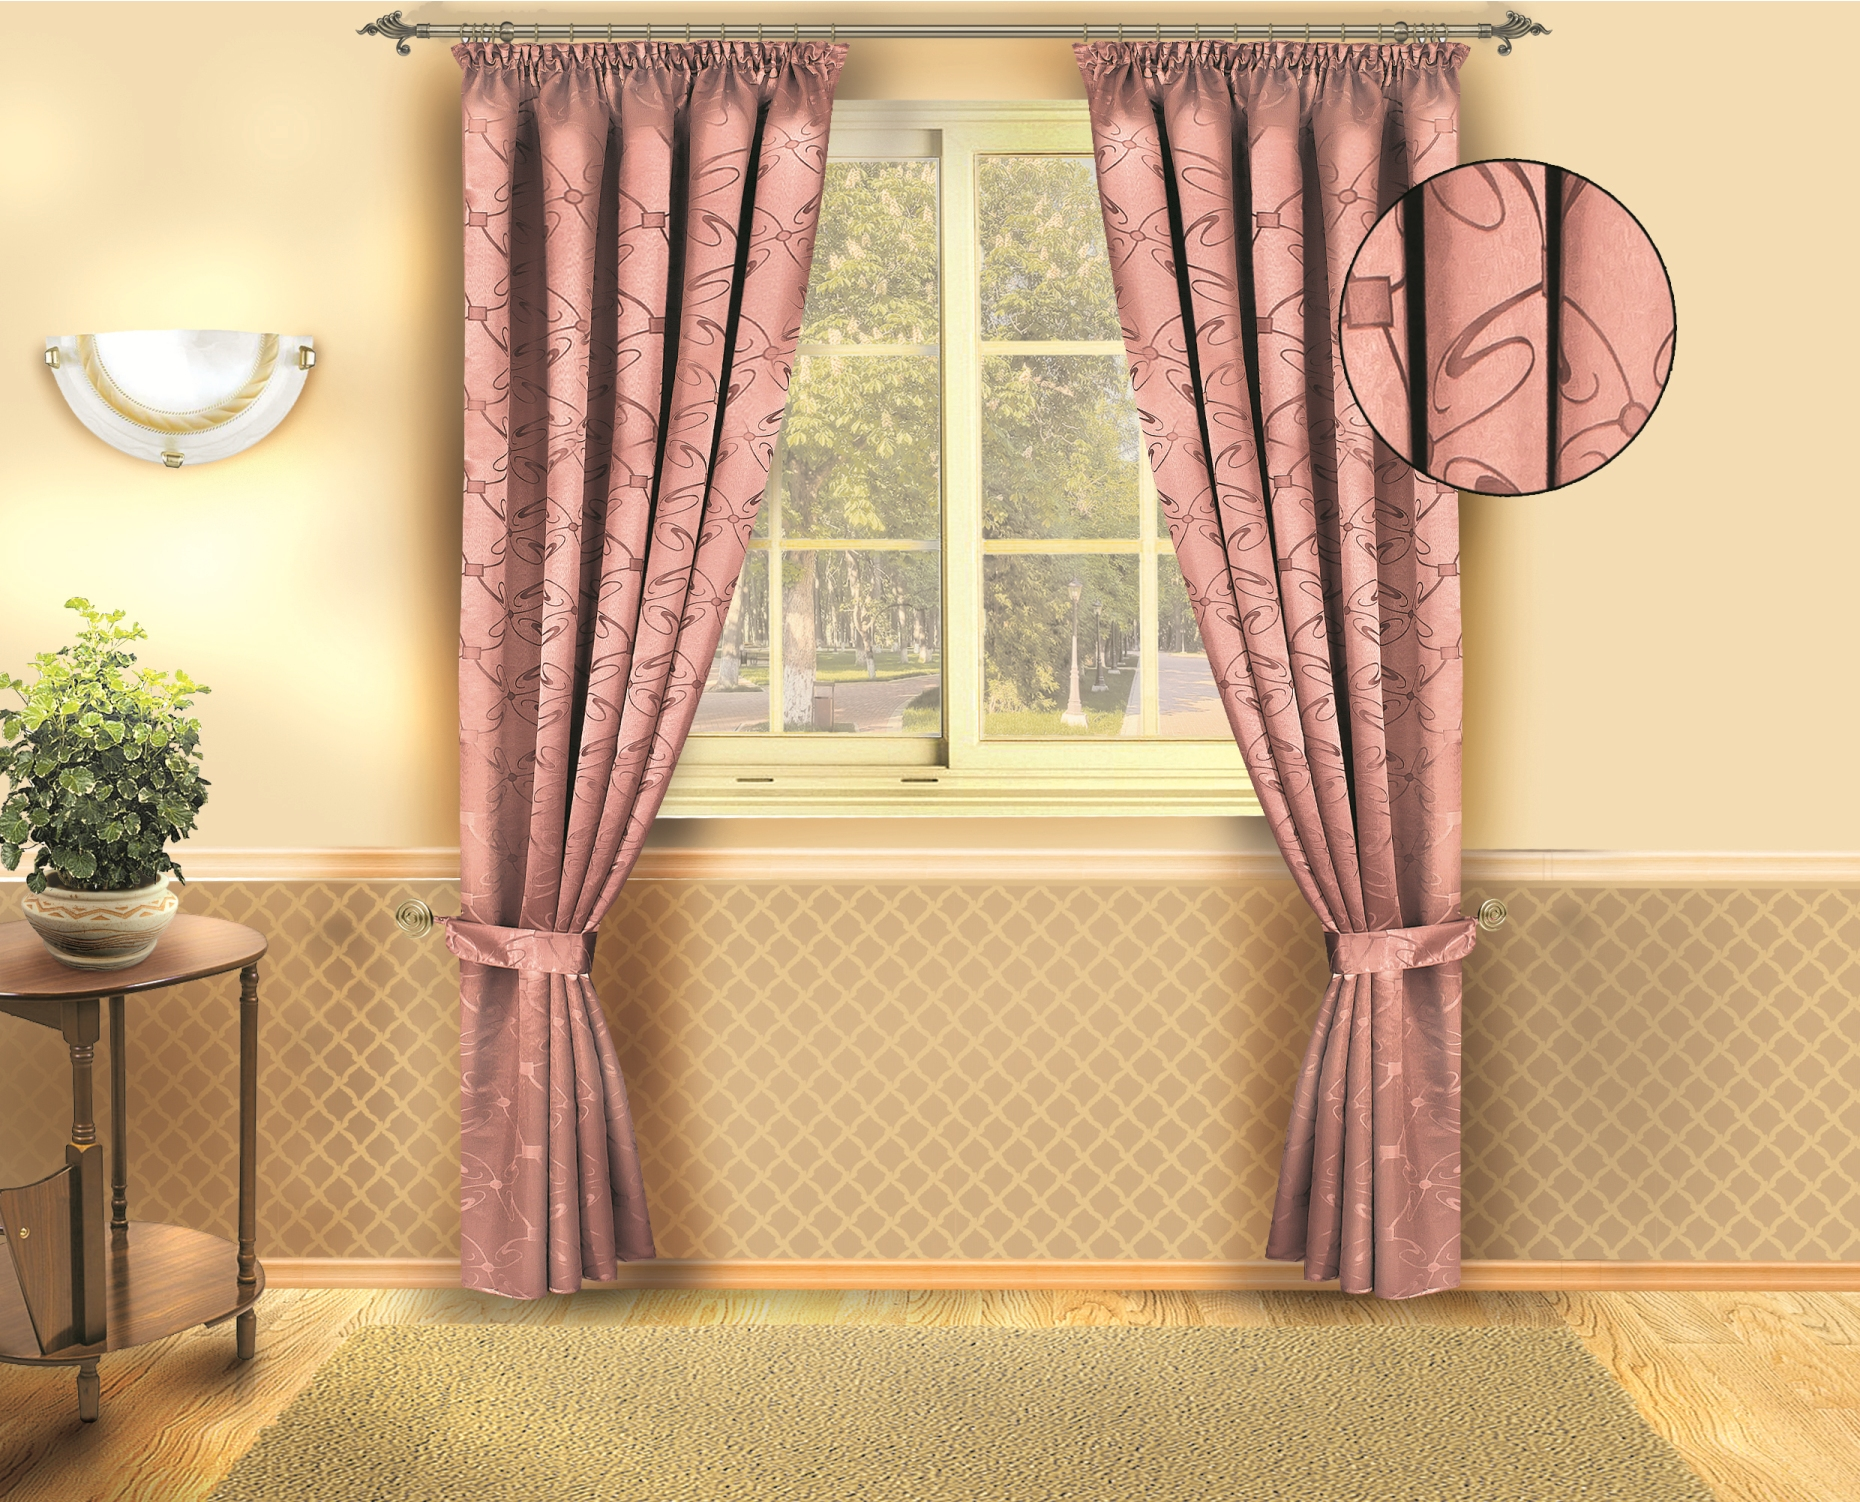 Комплект штор Zlata Korunka, на ленте, цвет: розовый, высота 250 см. Б133Б133розовыйРоскошный комплект штор Zlata Korunka, выполненный из полиэстера, великолепно украсит любое окно. Комплект состоит из двух штор. Изящный рисунок и приятная цветовая гамма привлекут к себе внимание и органично впишутся в интерьер помещения.Этот комплект будет долгое время радовать вас и вашу семью!